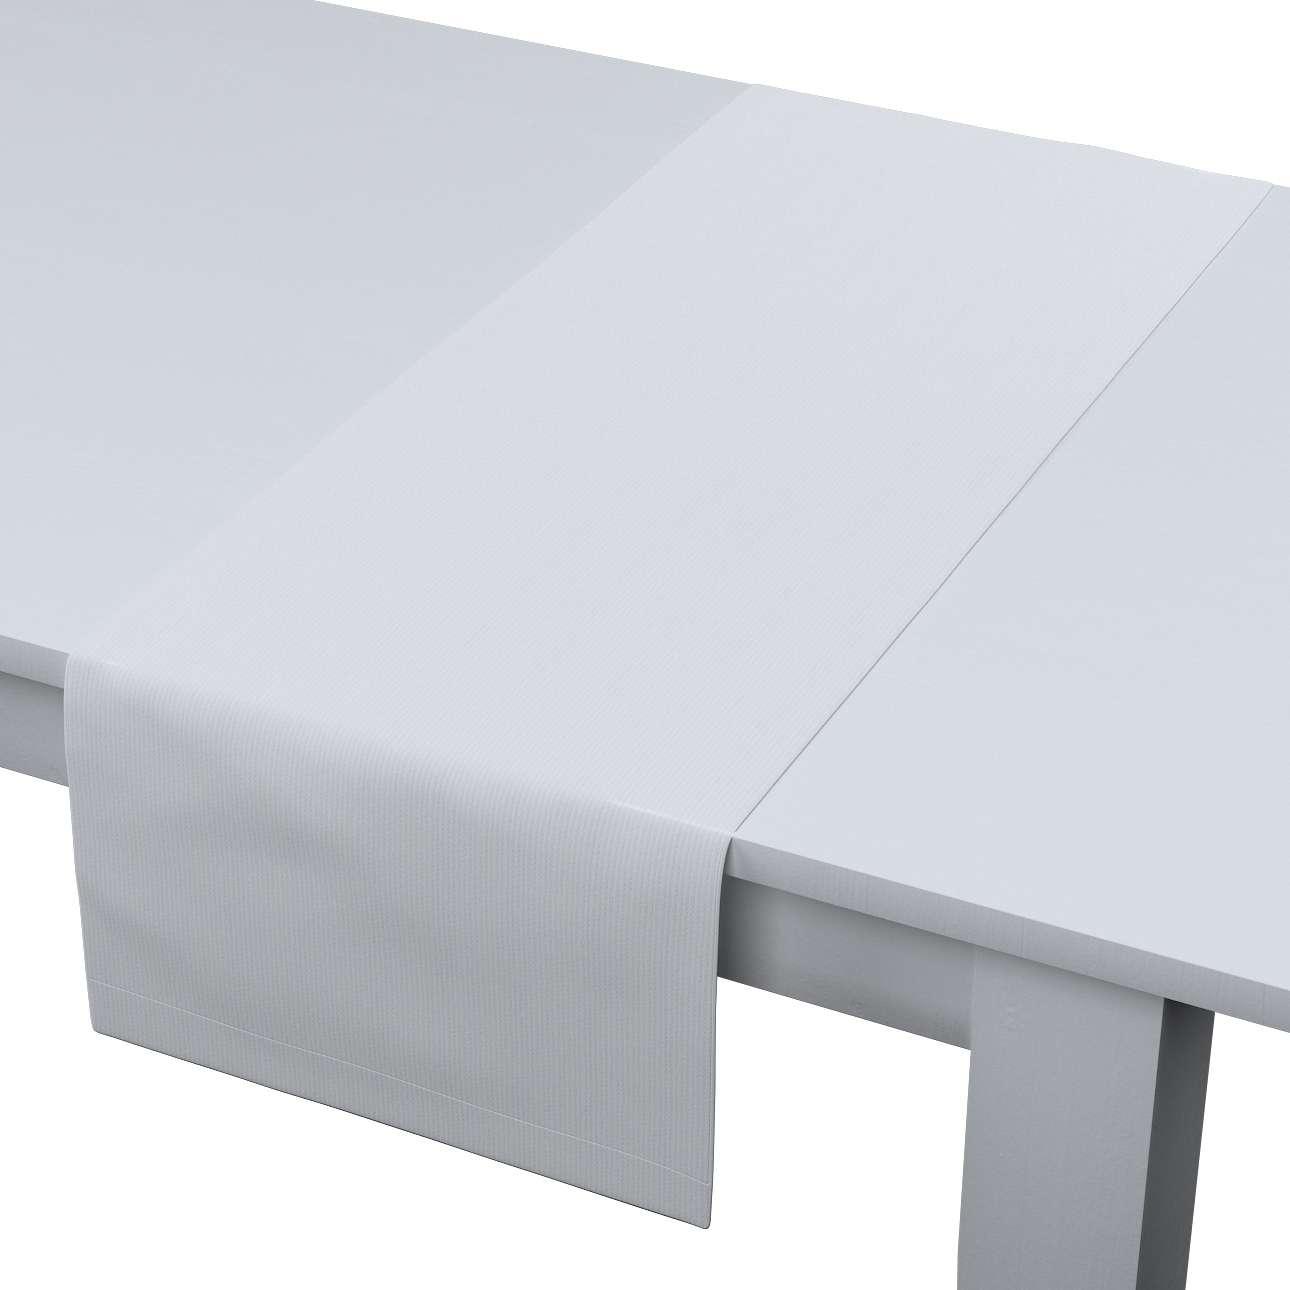 Rechteckiger Tischläufer 40 x 130 cm von der Kollektion Jupiter, Stoff: 127-01